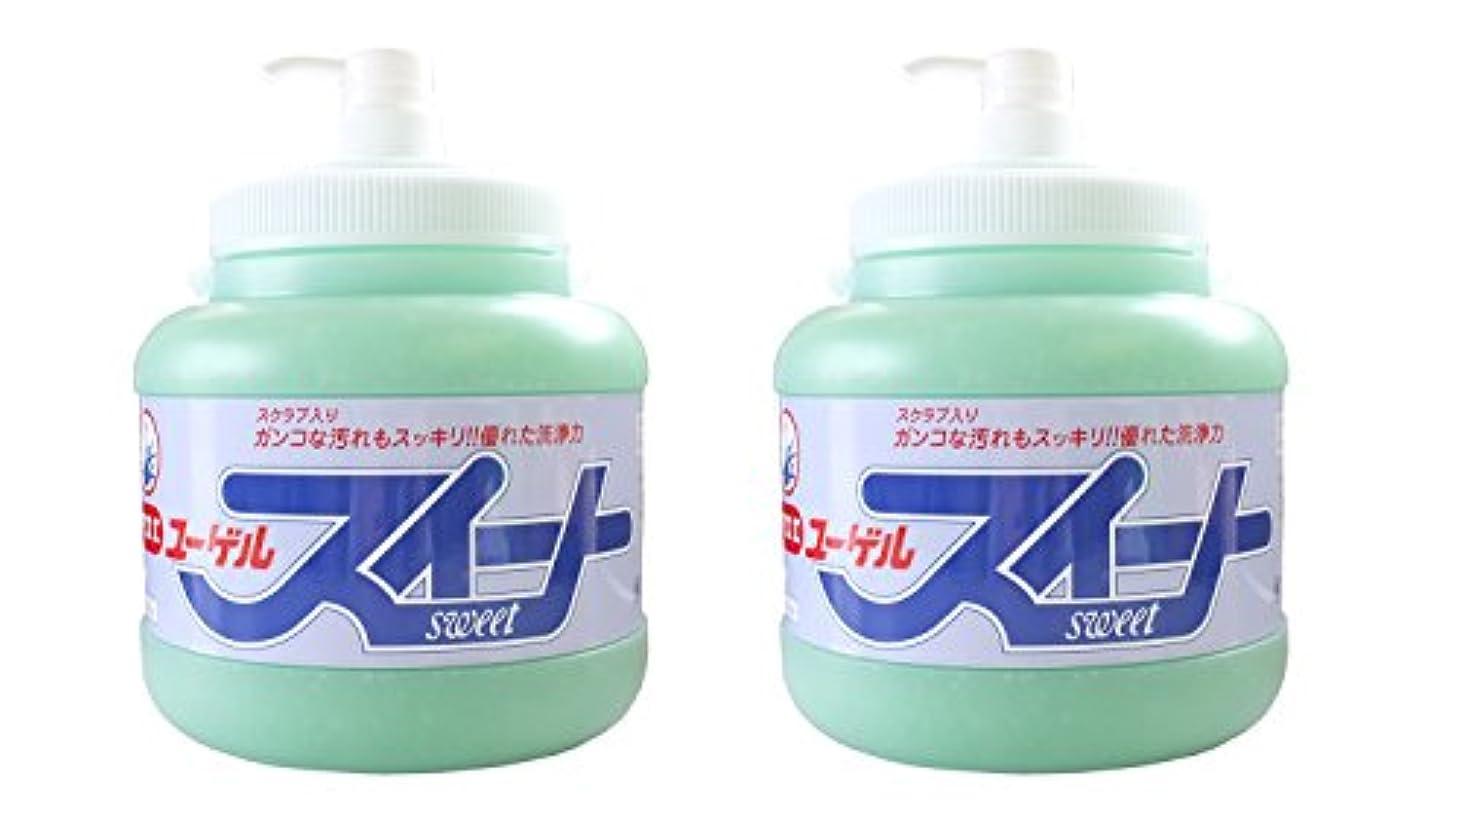 レッドデートタイムリーなチーフ手の汚れや臭いを水なしで素早く落とす新洗剤。スクラブでガンコな油汚れもサッと落とす!ユーゲルスイート[ポンプ式]2.5kg×2本